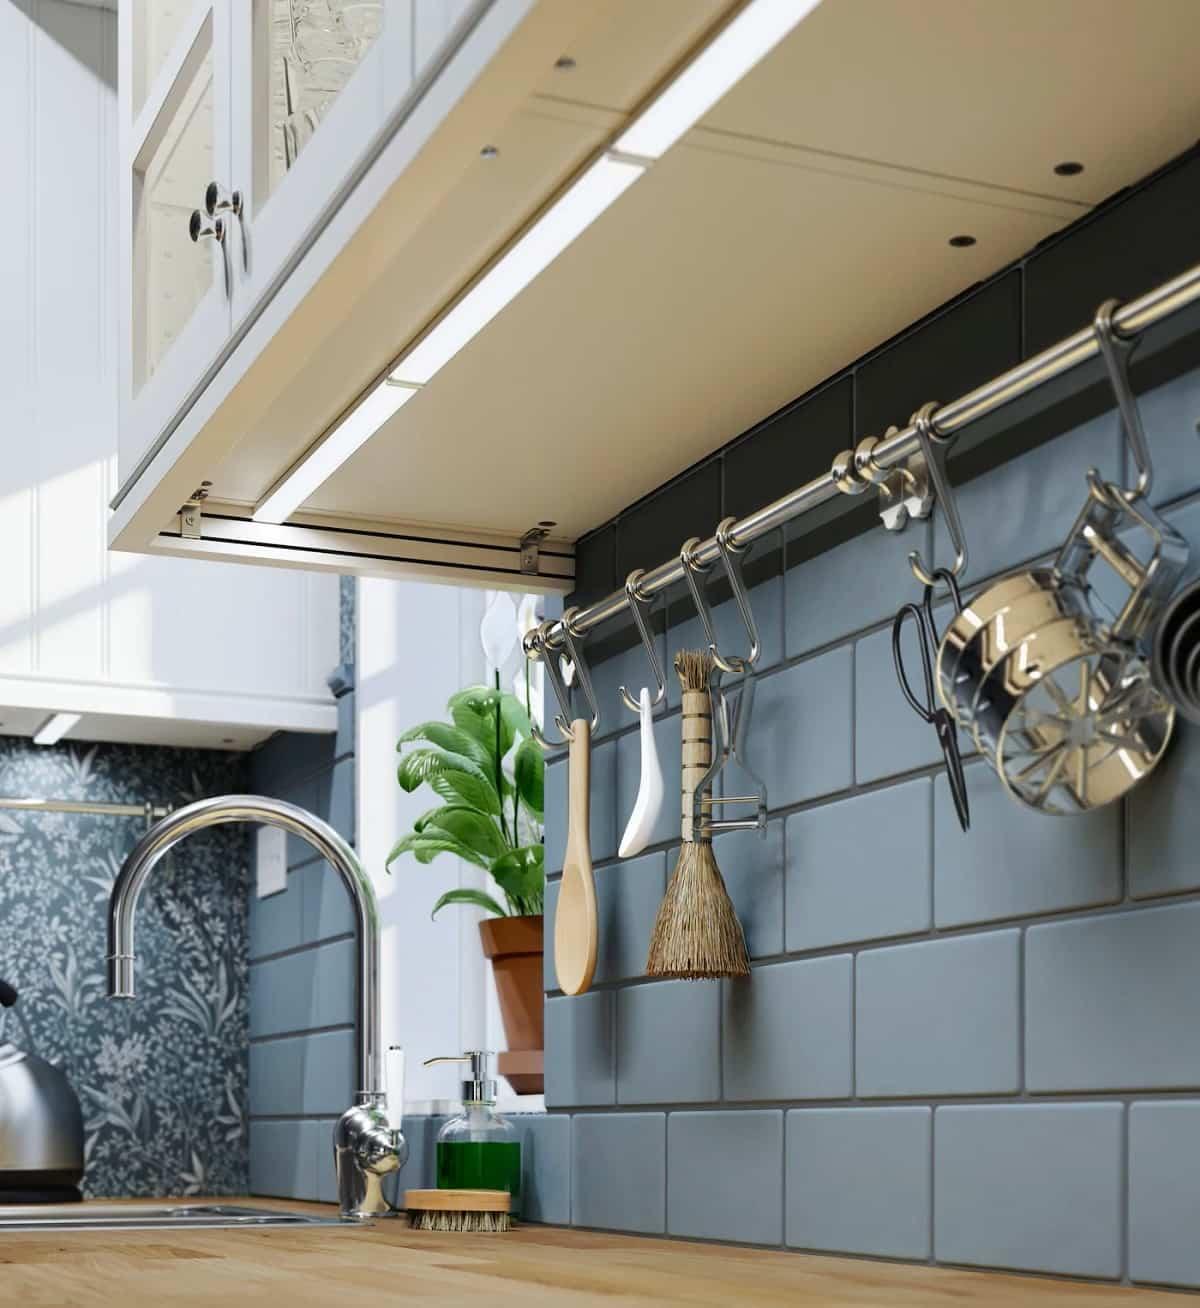 como renovar la cocina sin gastar mucho dinero 9